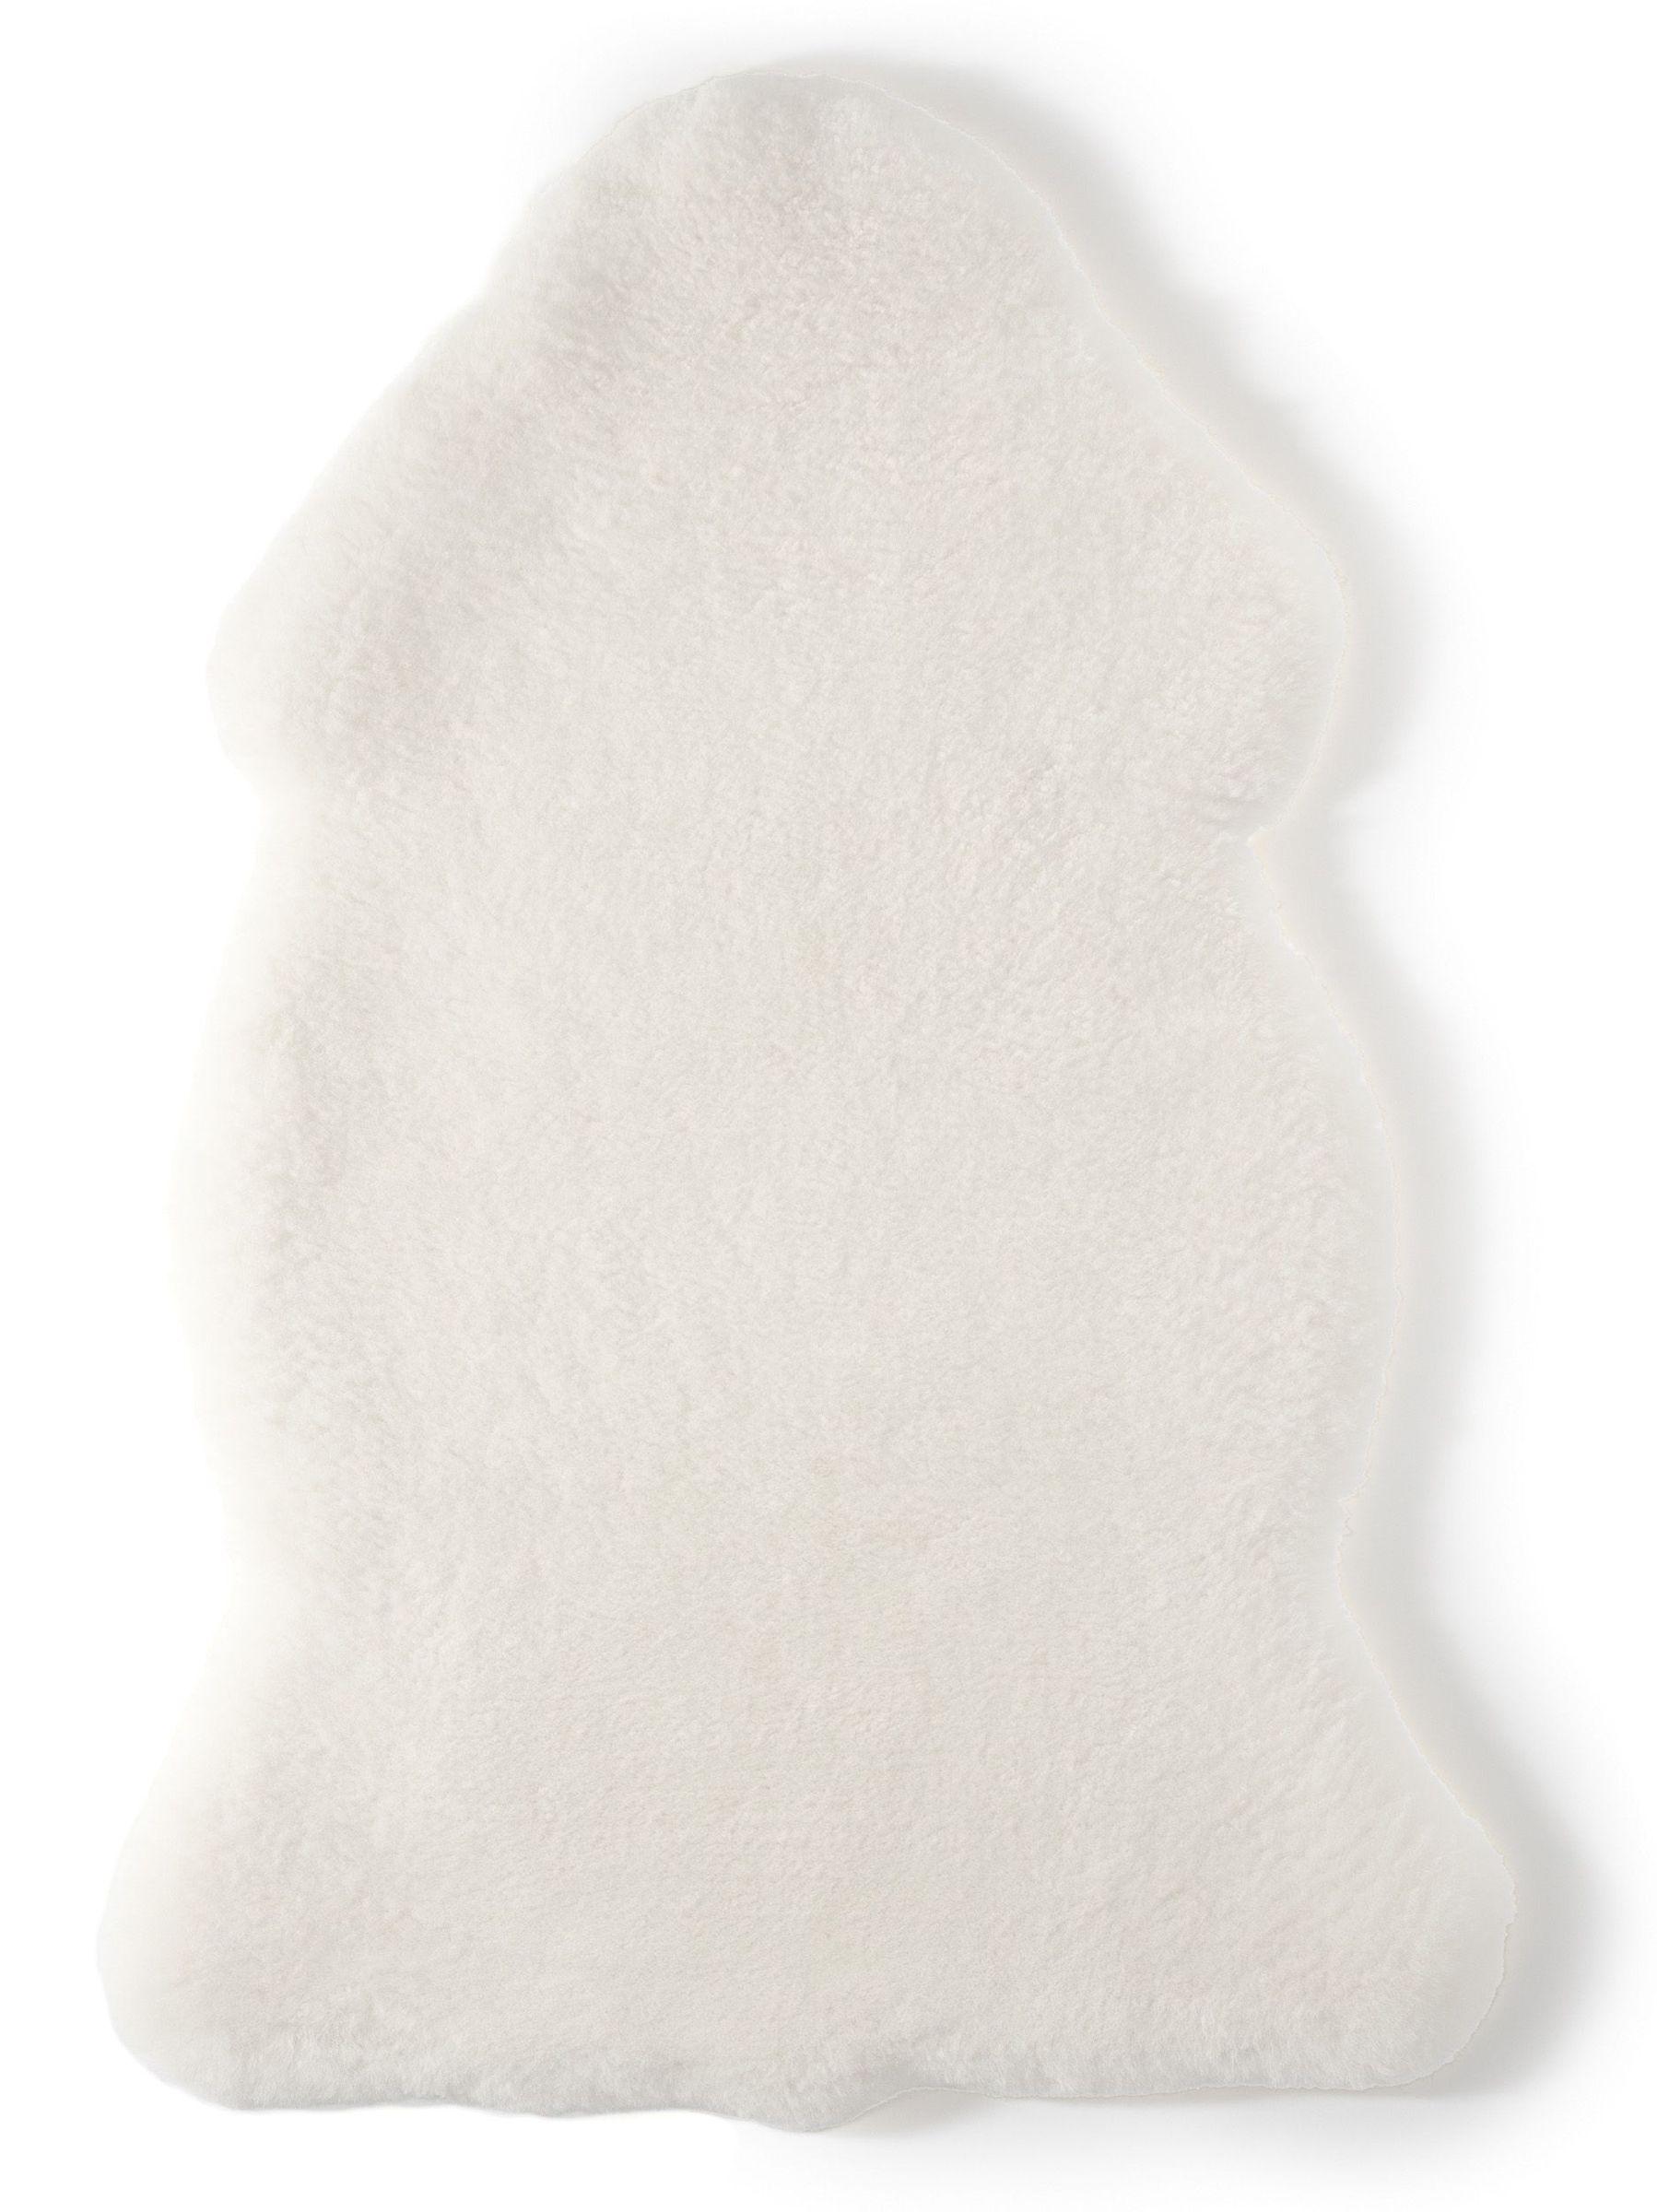 Hofbrucker Baby Lammfell Naturprodukt pflanzlich gegerbt atmungsaktiv weiß